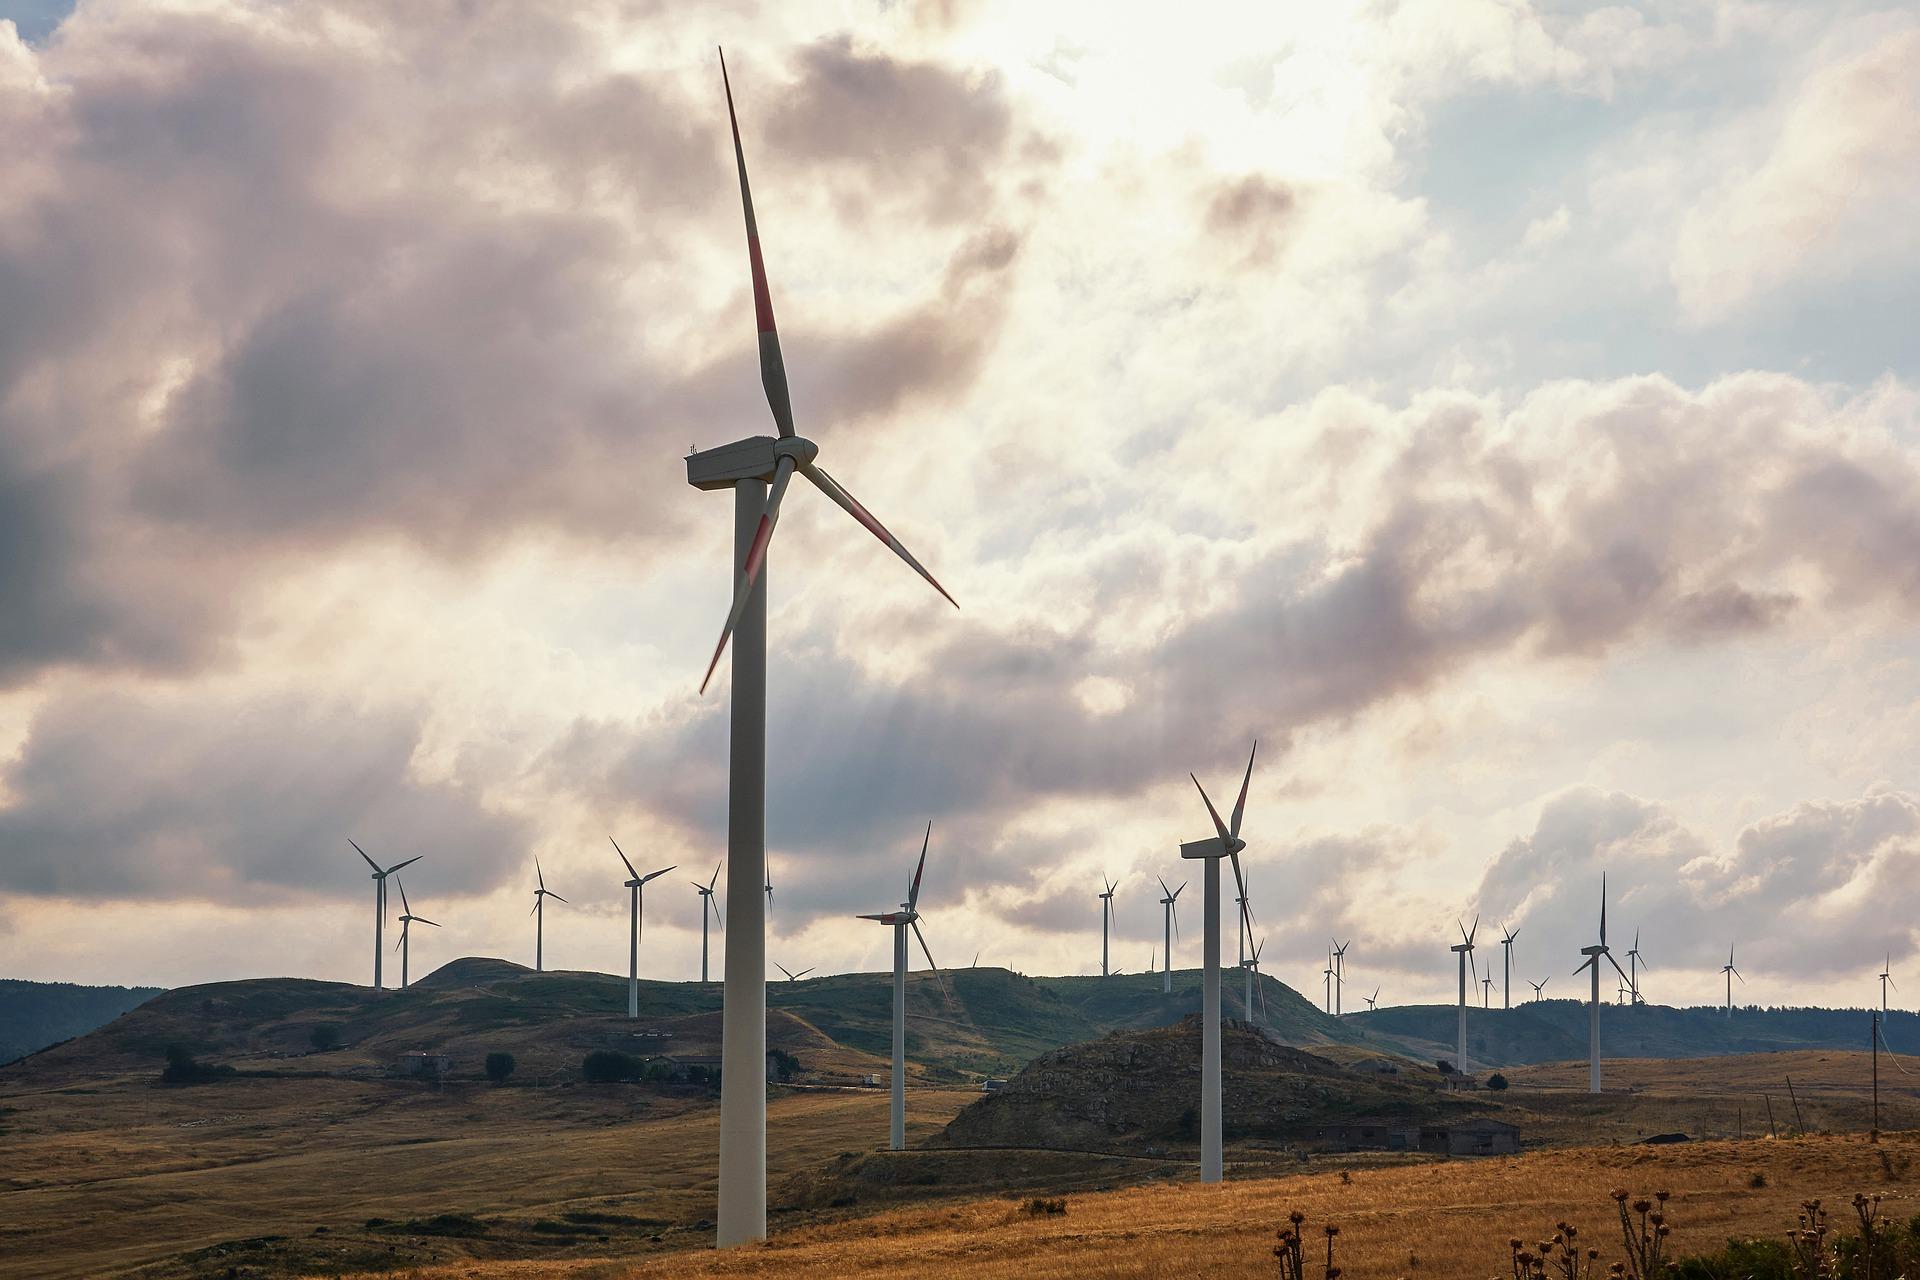 ステップ1:クリーンエネルギーの必要性を理解する